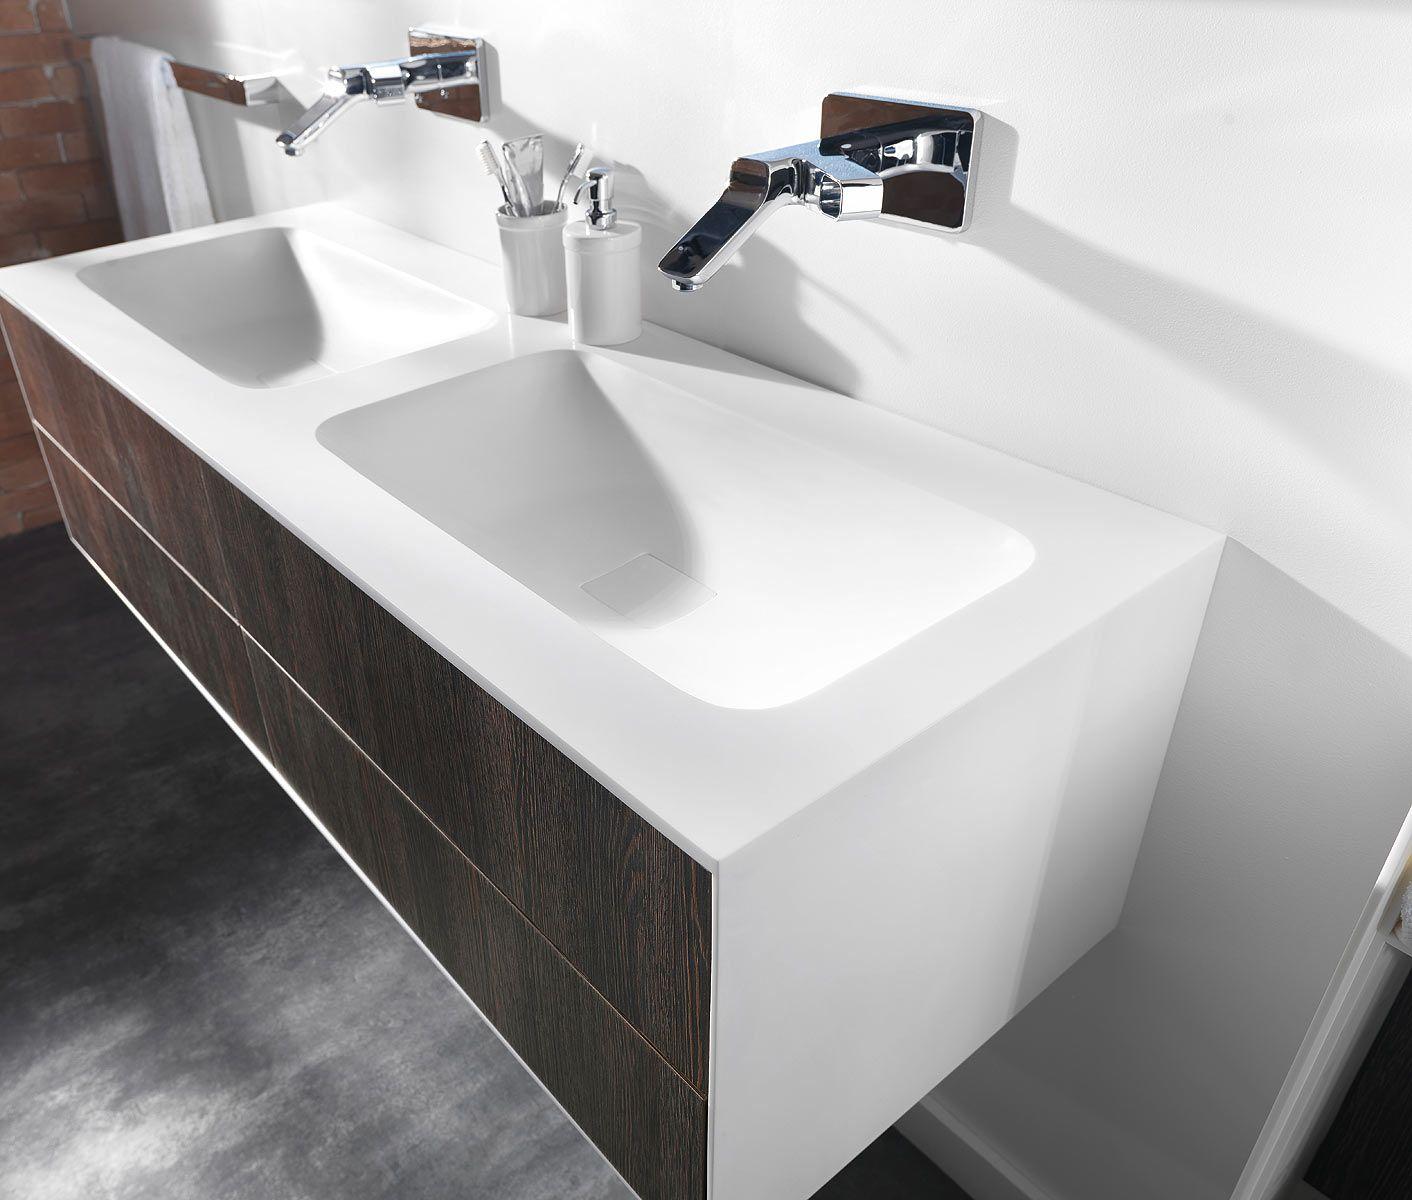 Meuble Salle De Bains Blanc Mat Ambiance Bain Kitoi | Espace Aubade